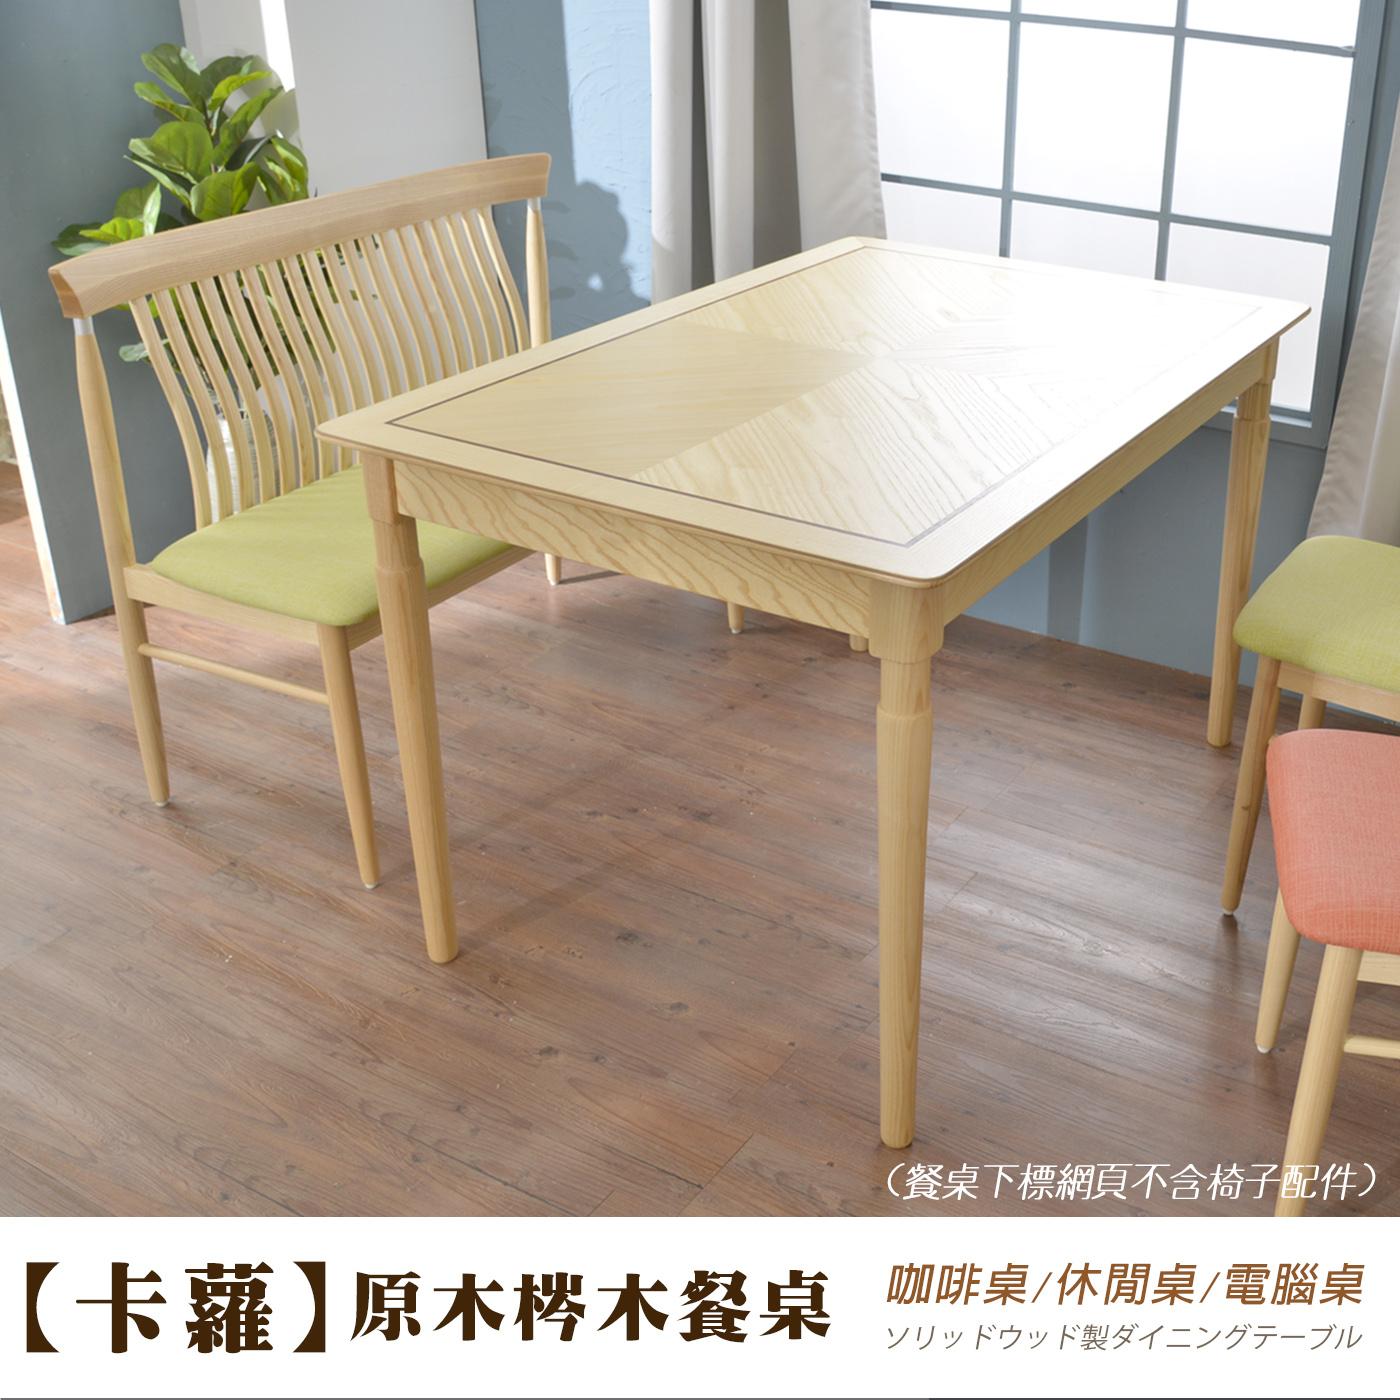 【班尼斯國際名床】~【卡蘿】原木梣木餐桌 天然實木餐桌 122*82*75cm